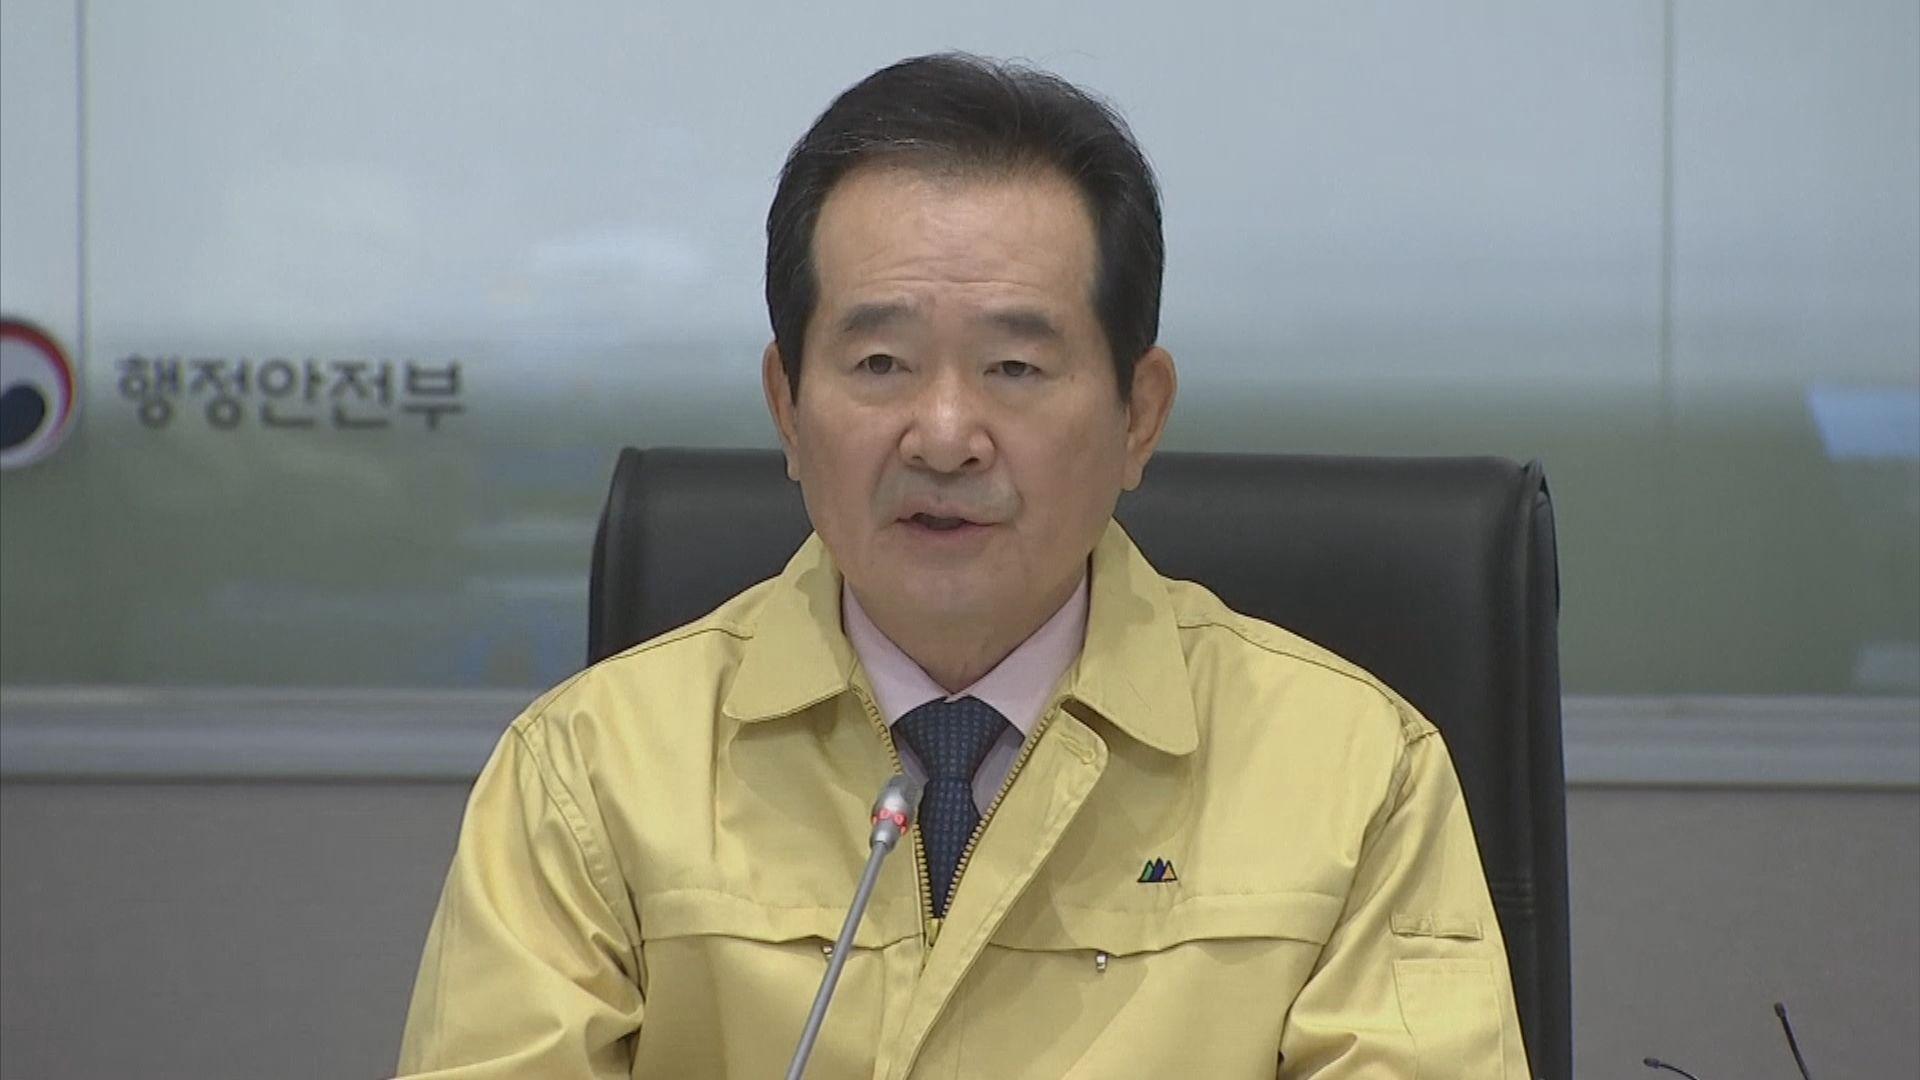 南韓總理丁世均新冠病毒檢測呈陰性